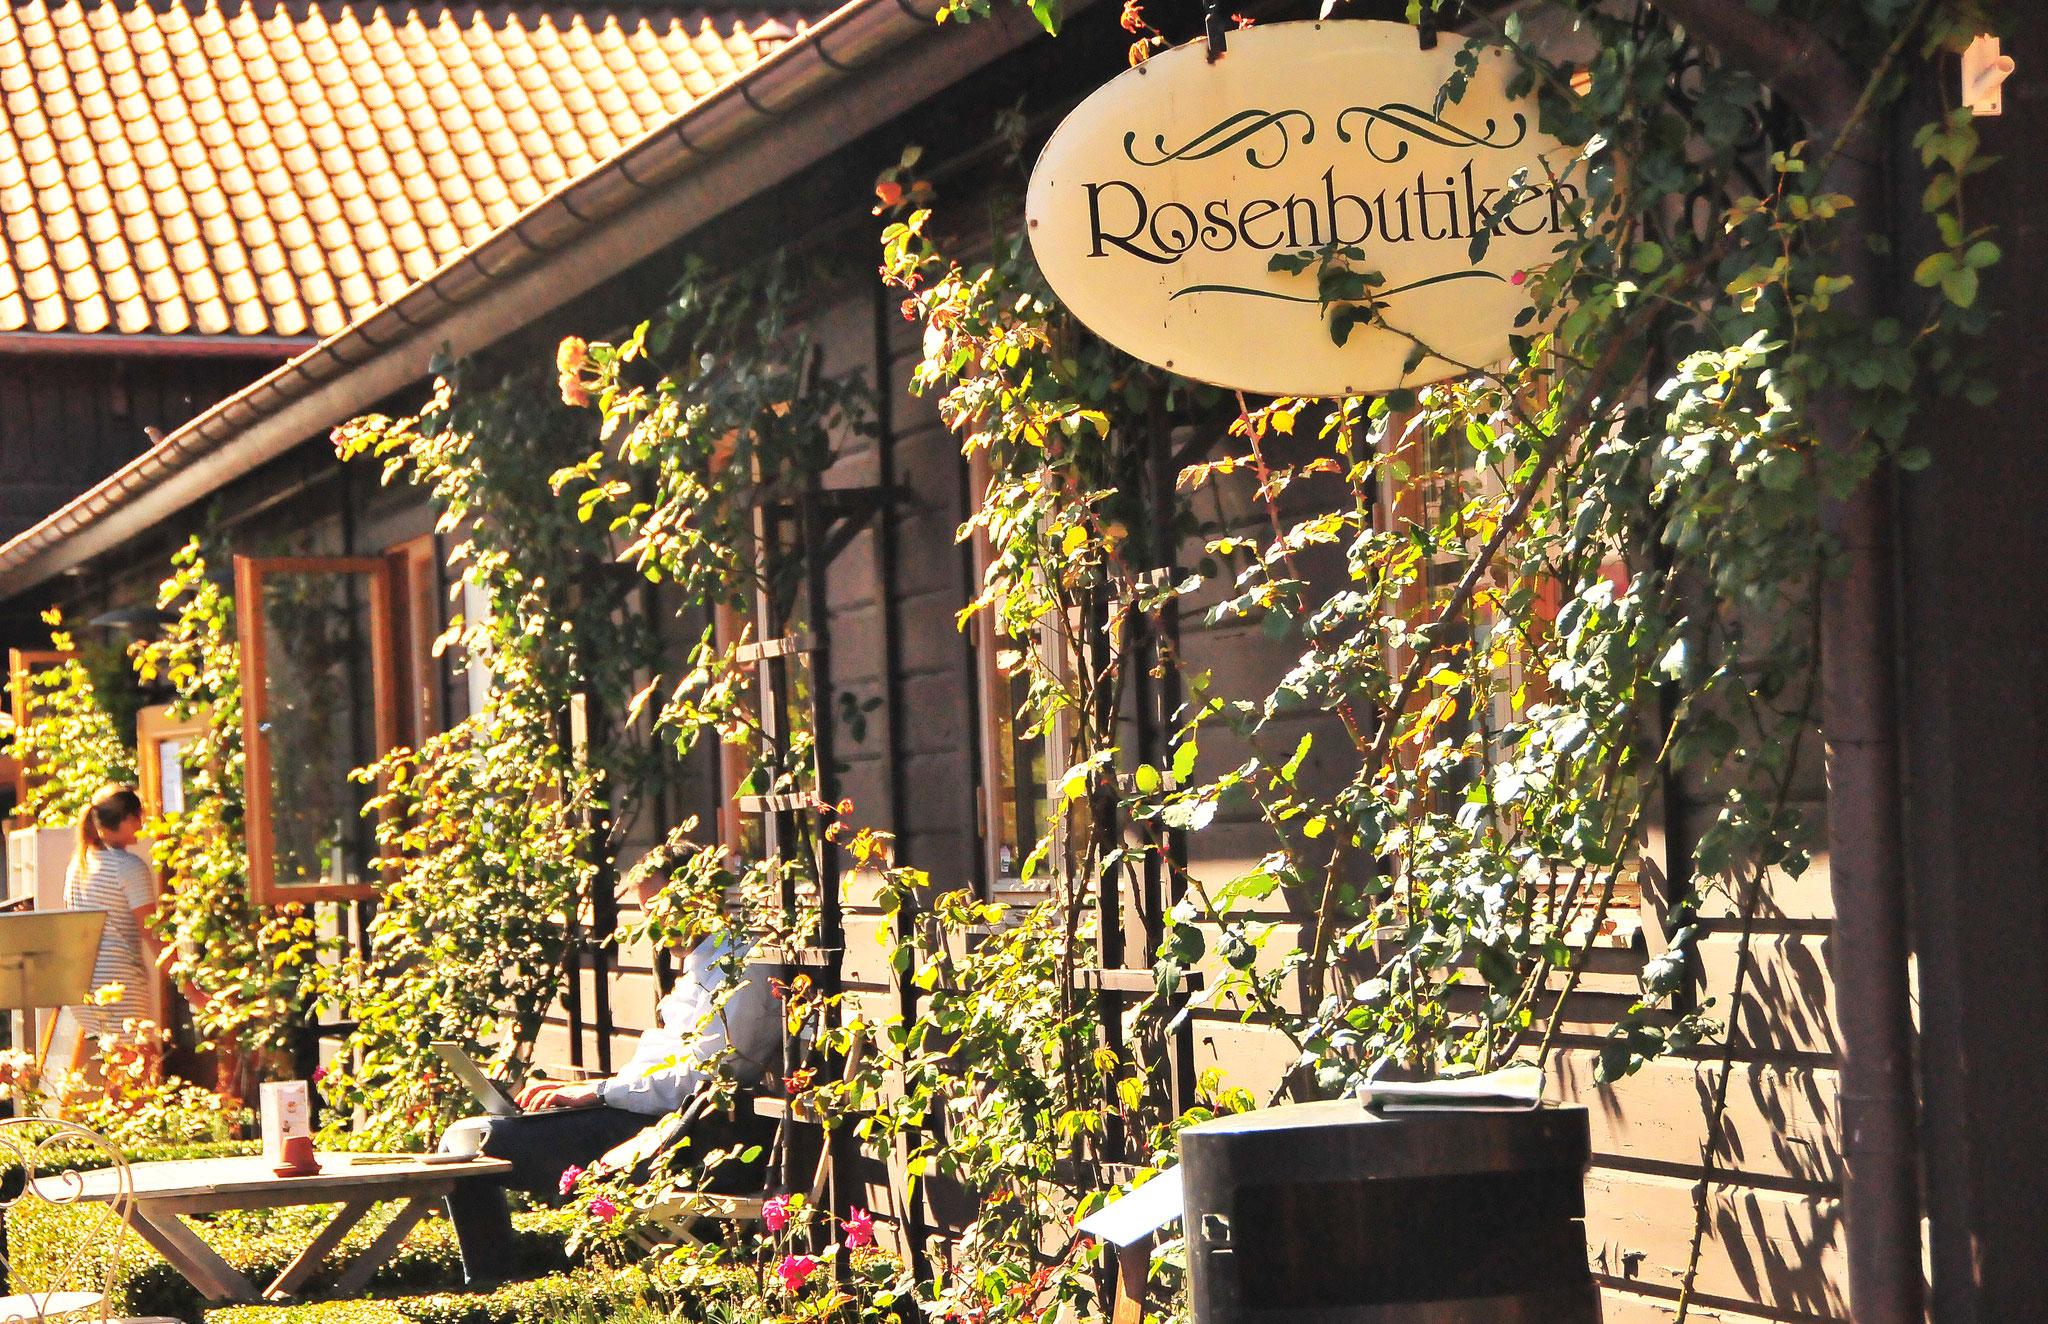 Rosenbutiken